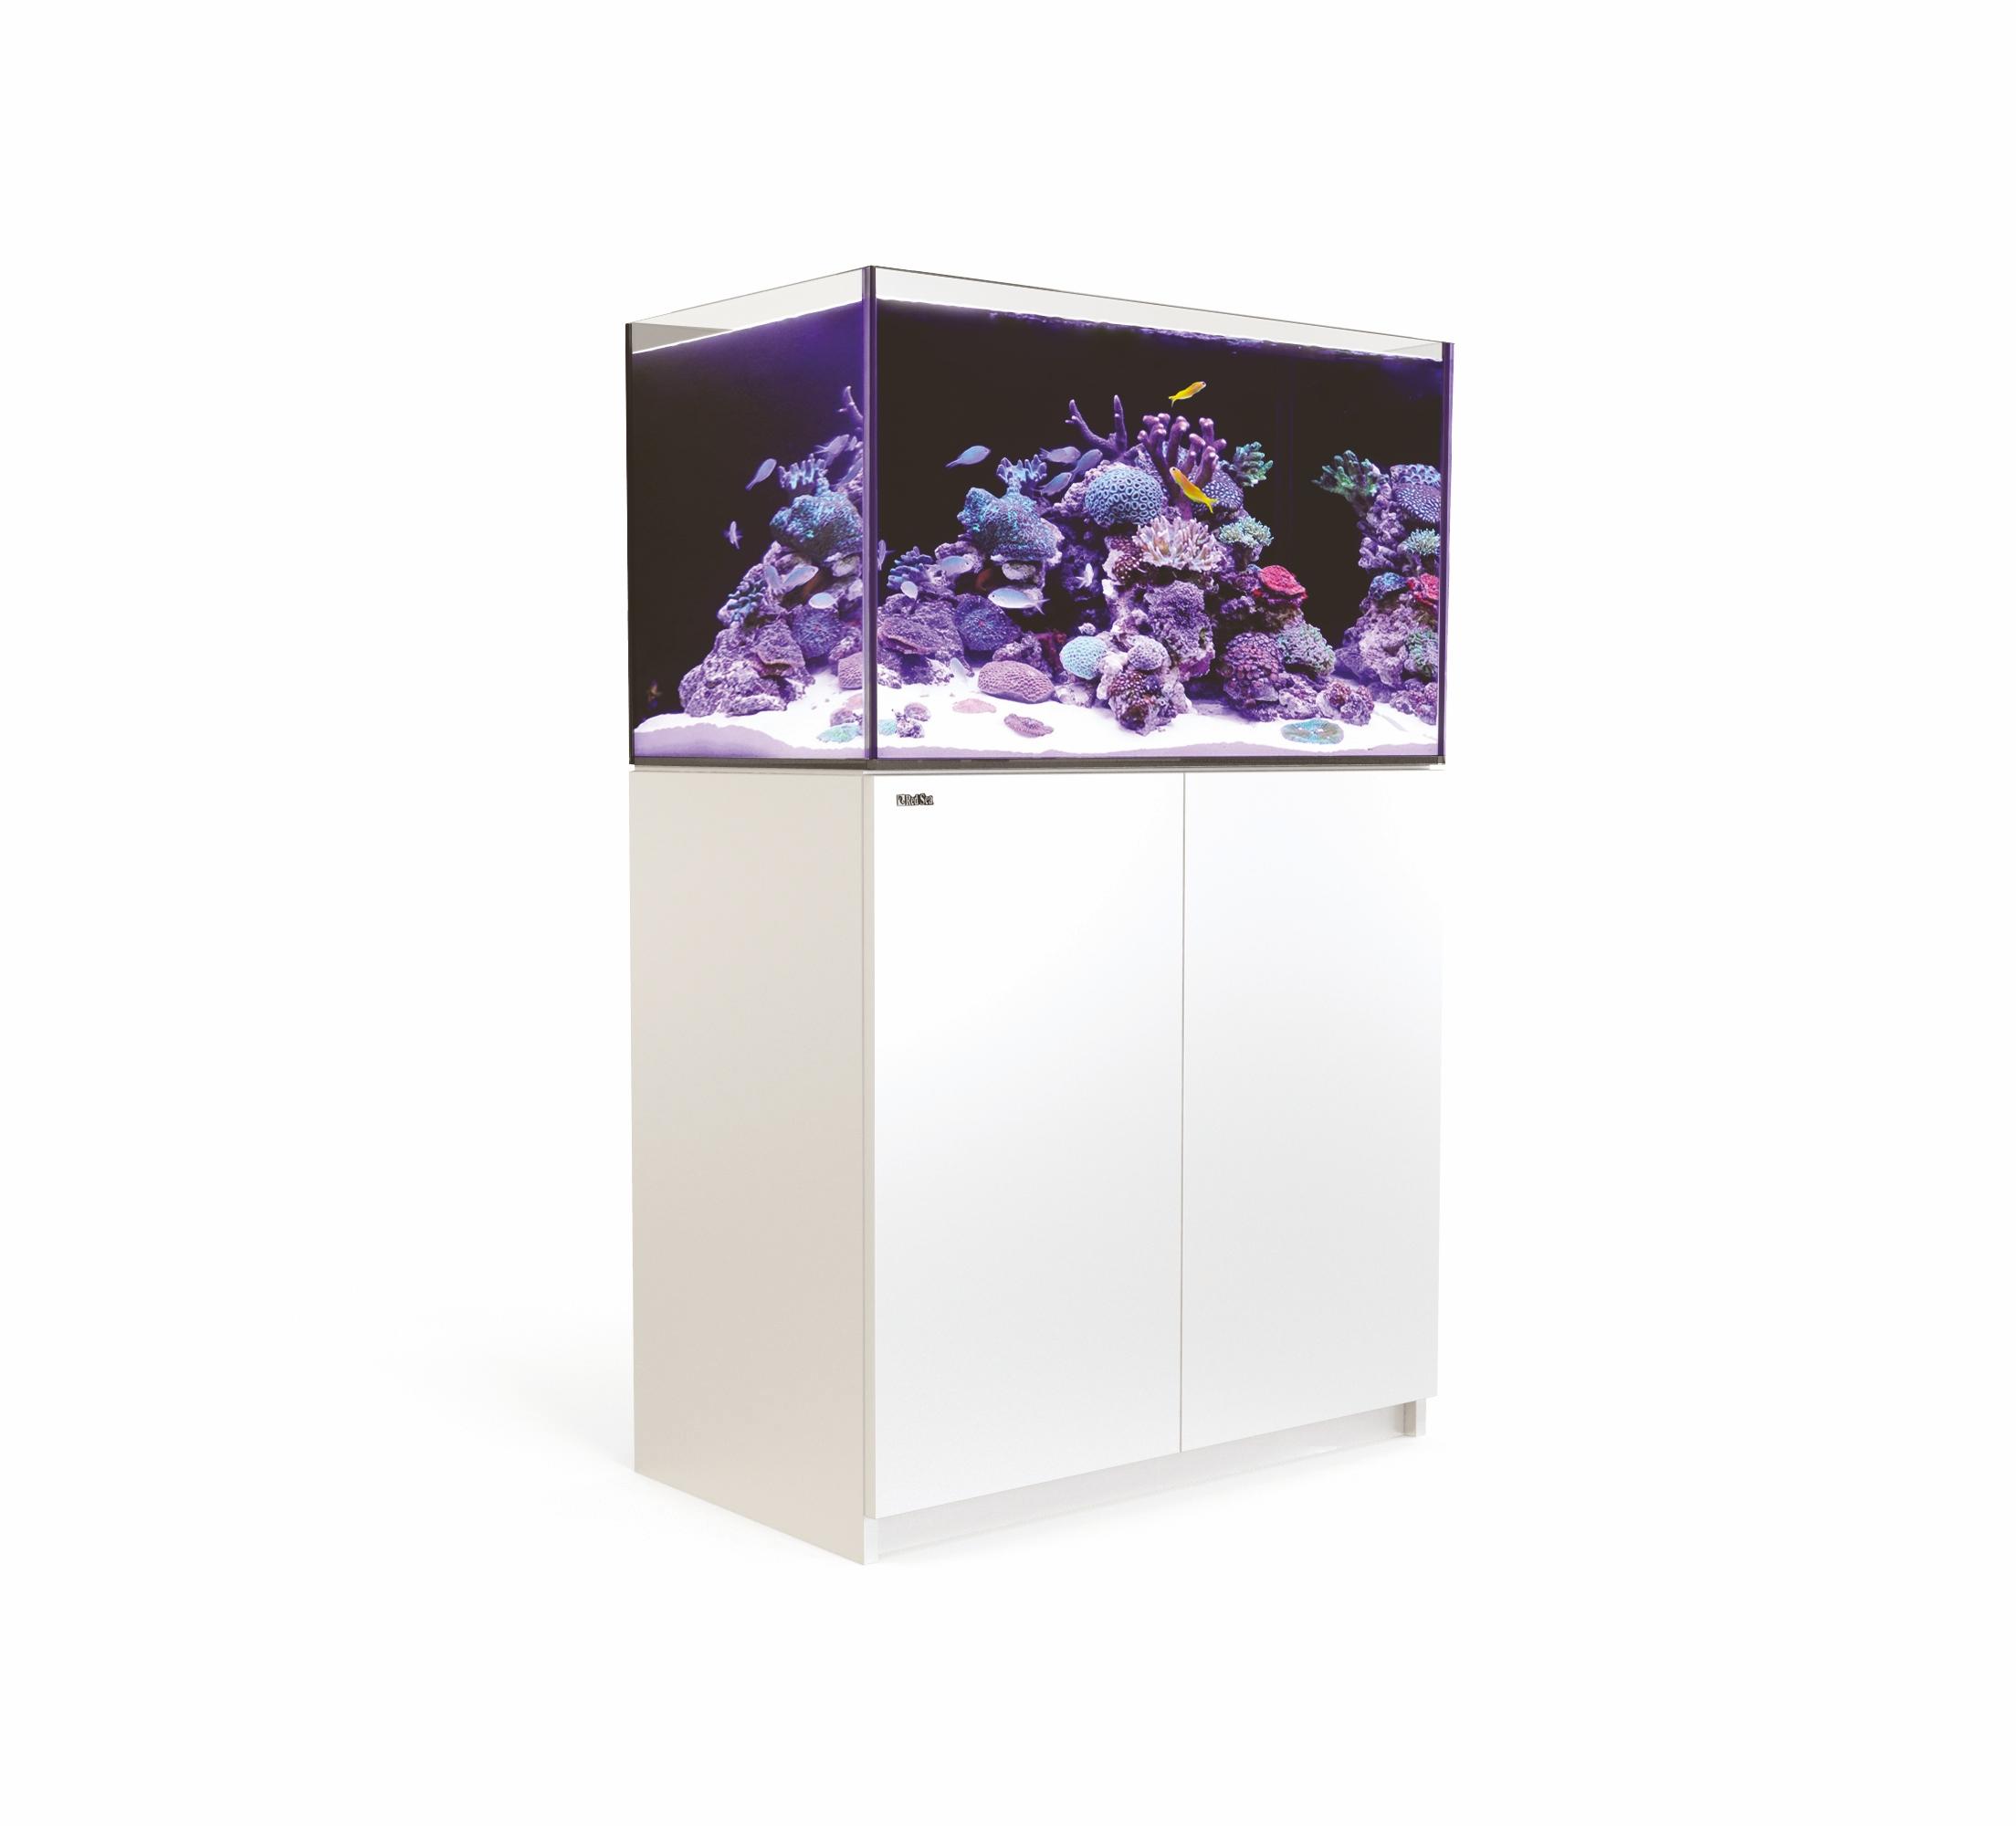 reefer-250-blanc-redsea-bg Frais De Aquarium 450 Litres Des Idées